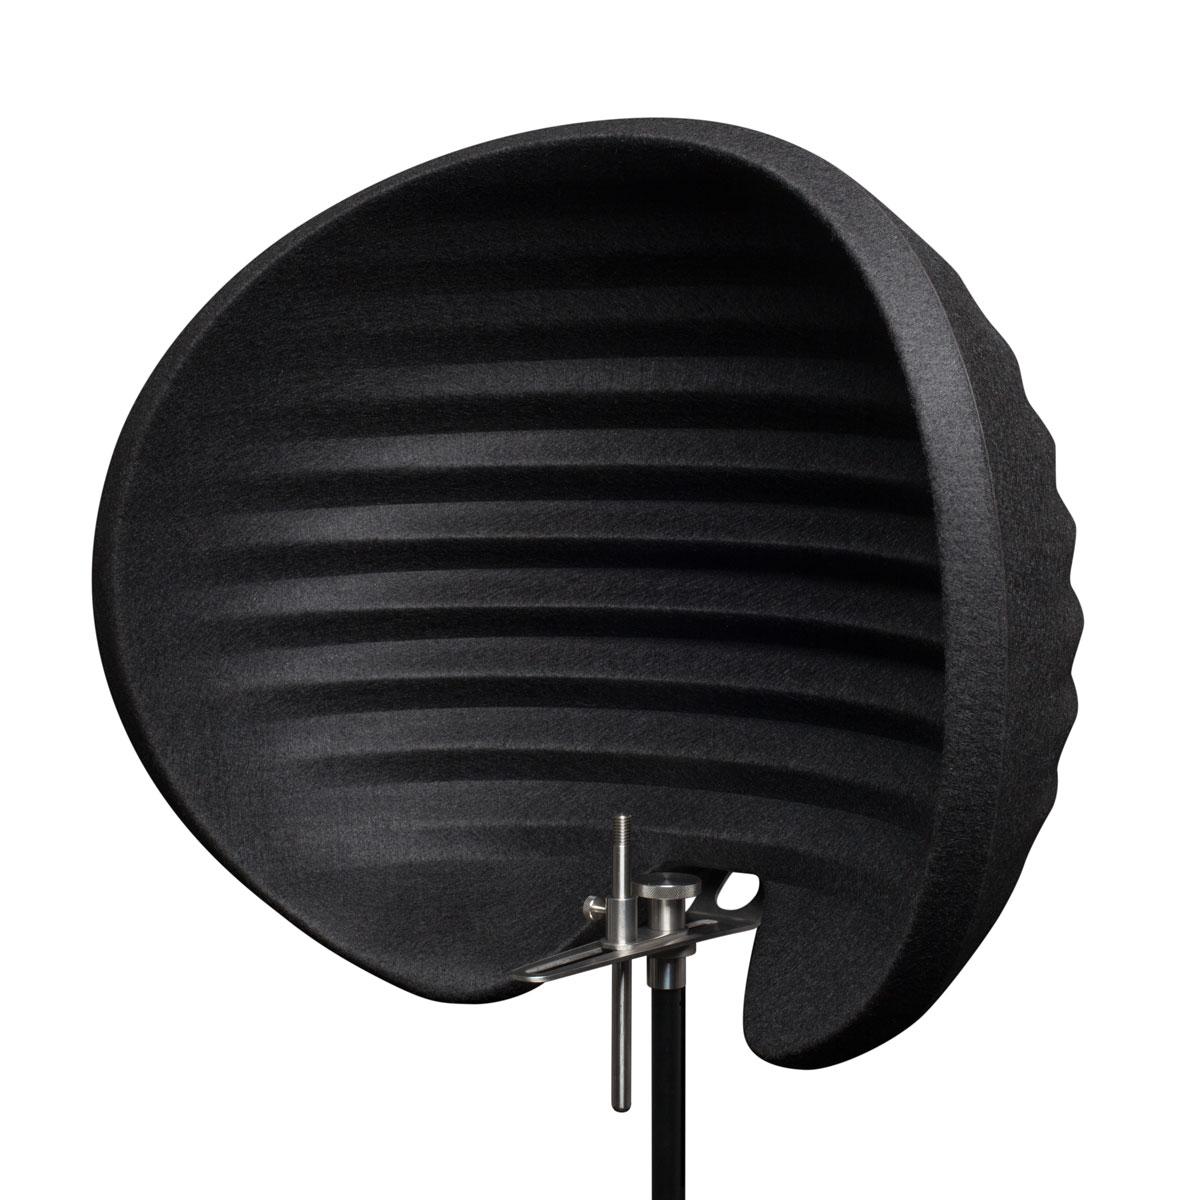 Aston Microphones アストンマイクロフォンズ / Halo Shadow (AST-HALOSHADOW) ヘイロー リフレクションフィルター【お取り寄せ商品】